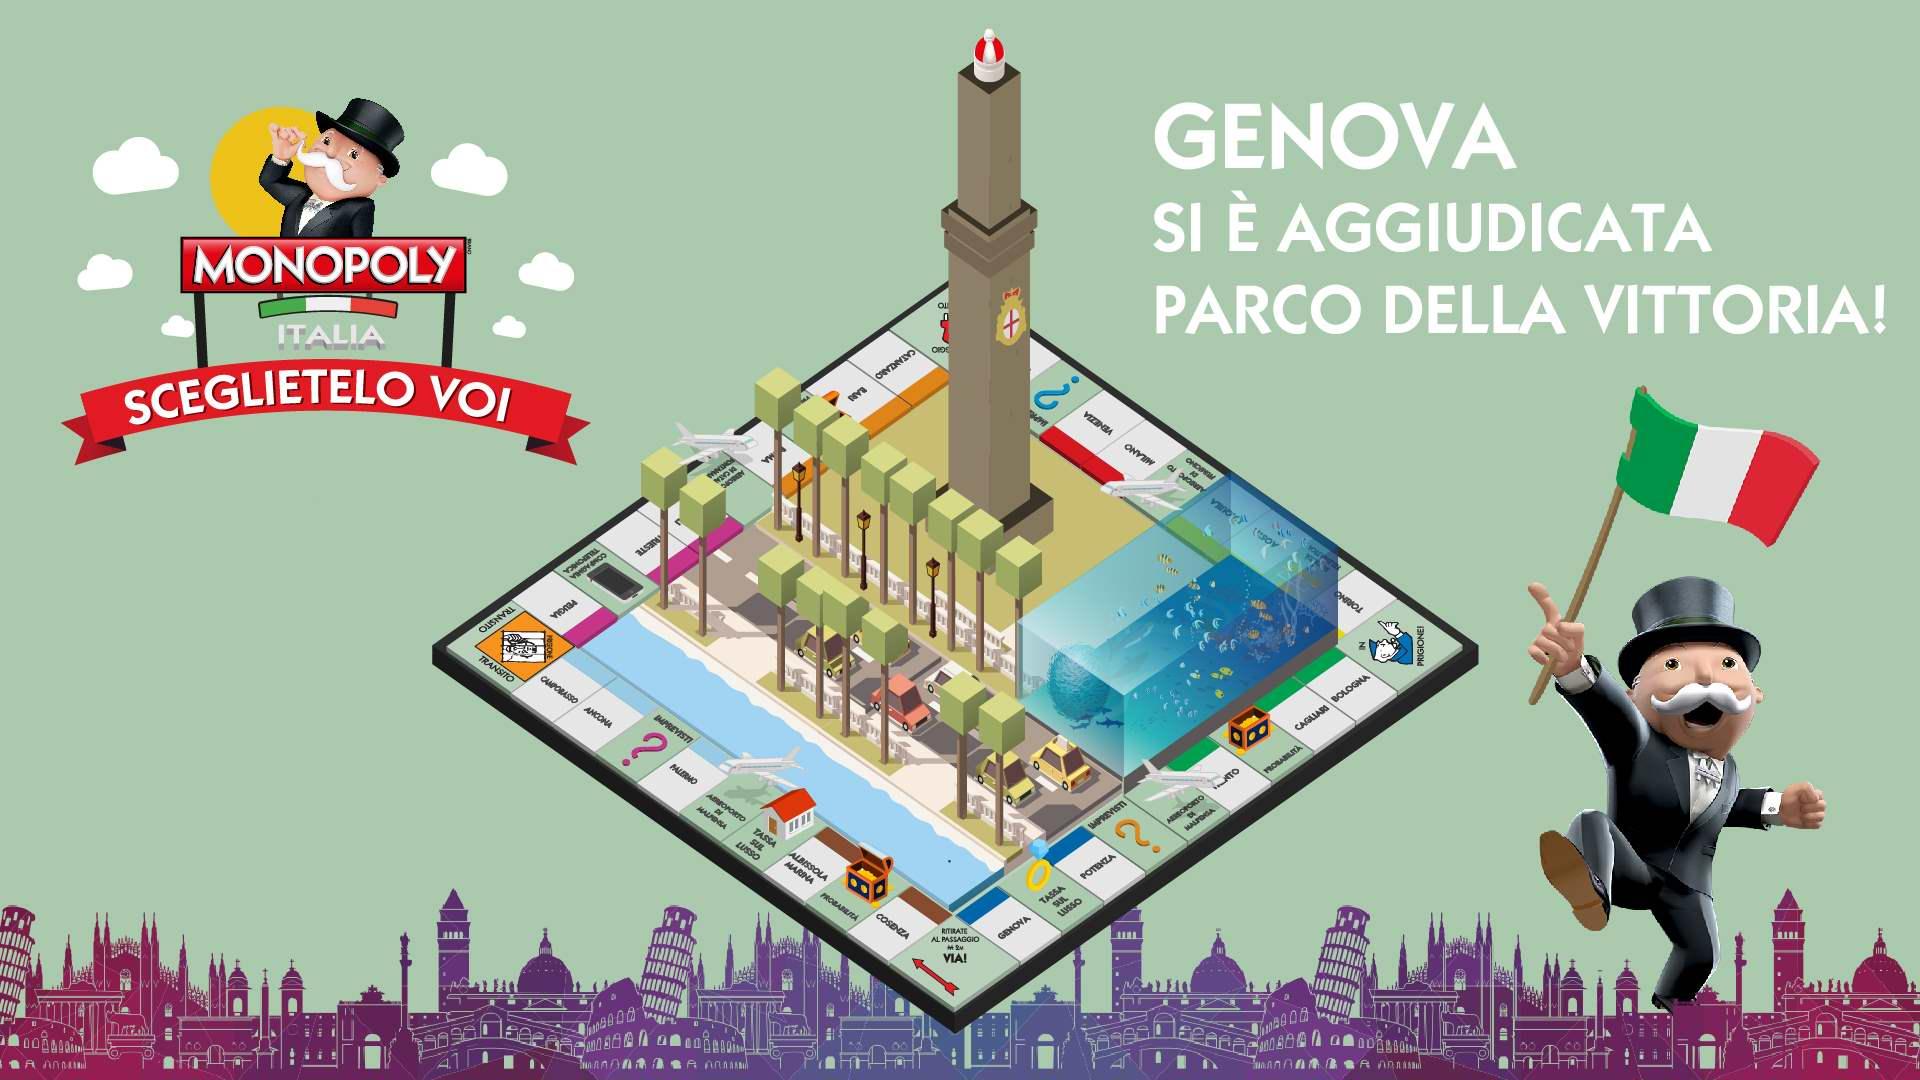 Monopoly Italia: Genova sarà Parco della Vittoria